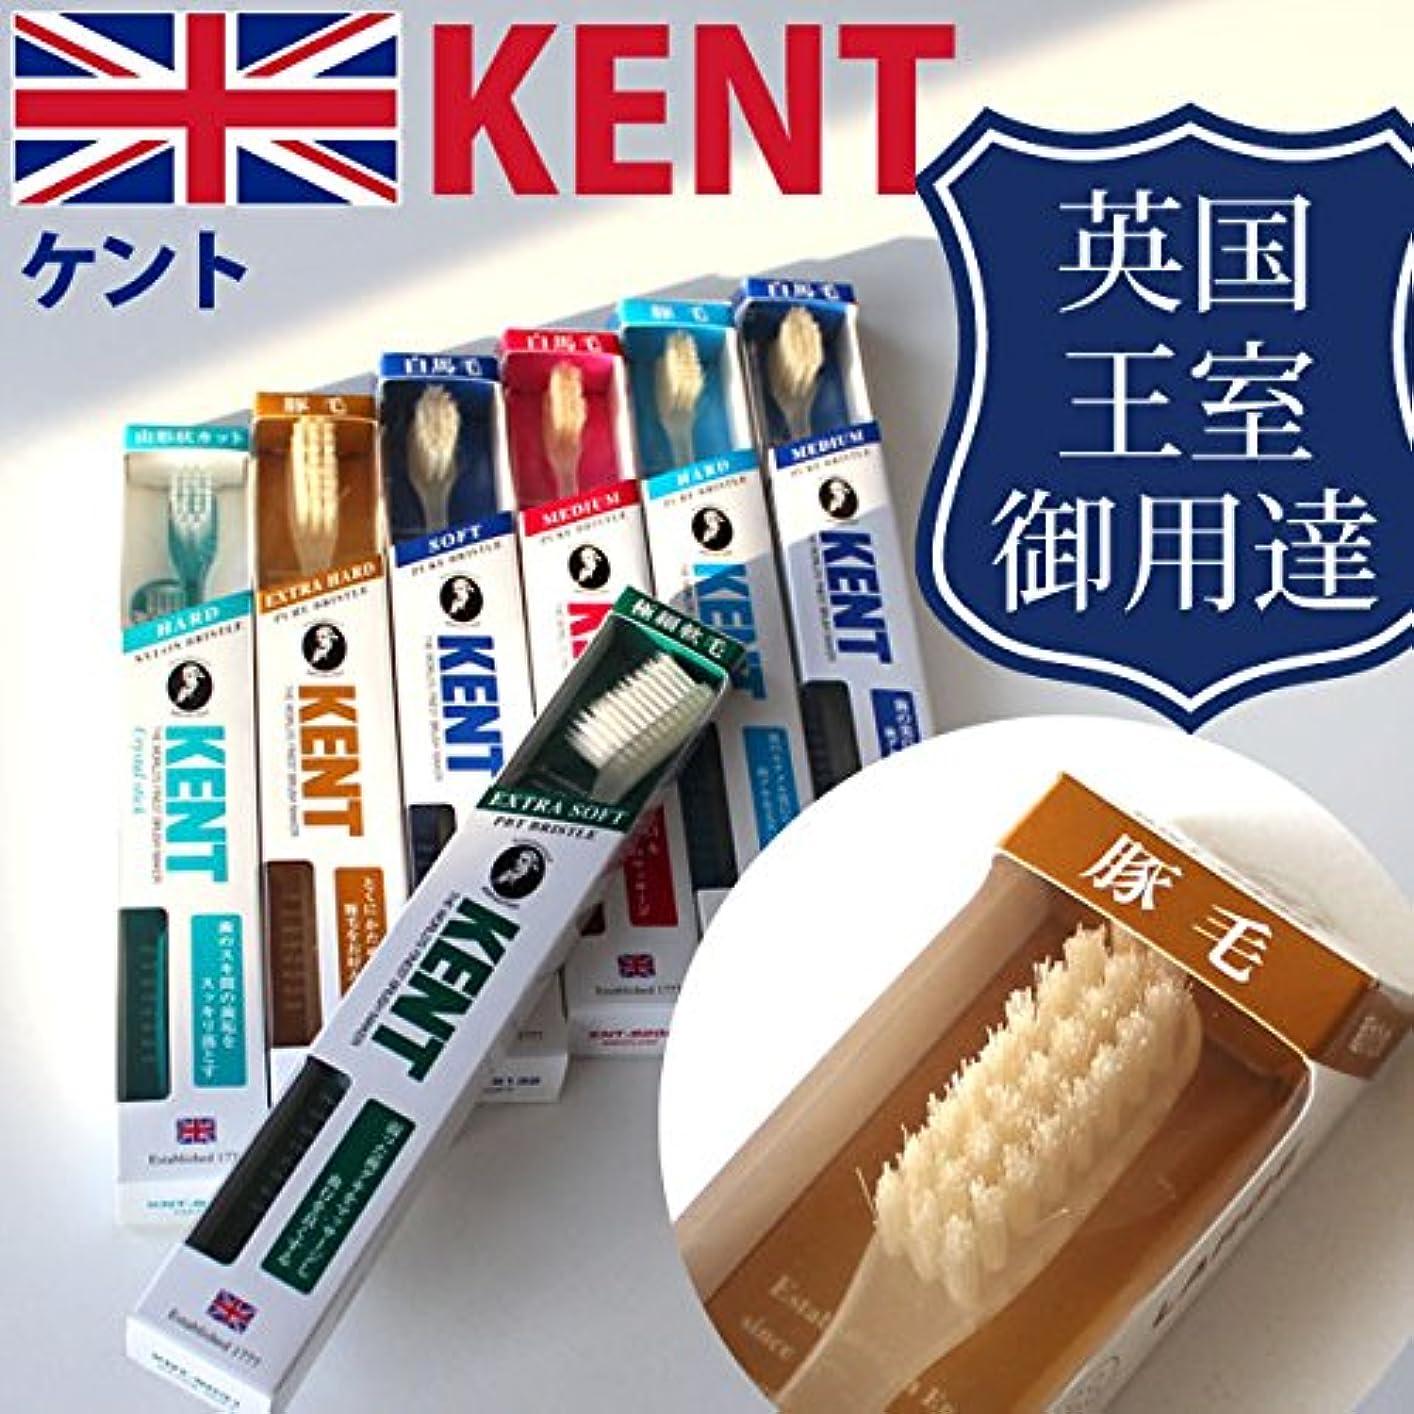 試み適度にビジターケント KENT 豚毛 ラージヘッド 歯ブラシKNT-9433 超かため 6本入り しっかり磨ける天然毛のラジヘ